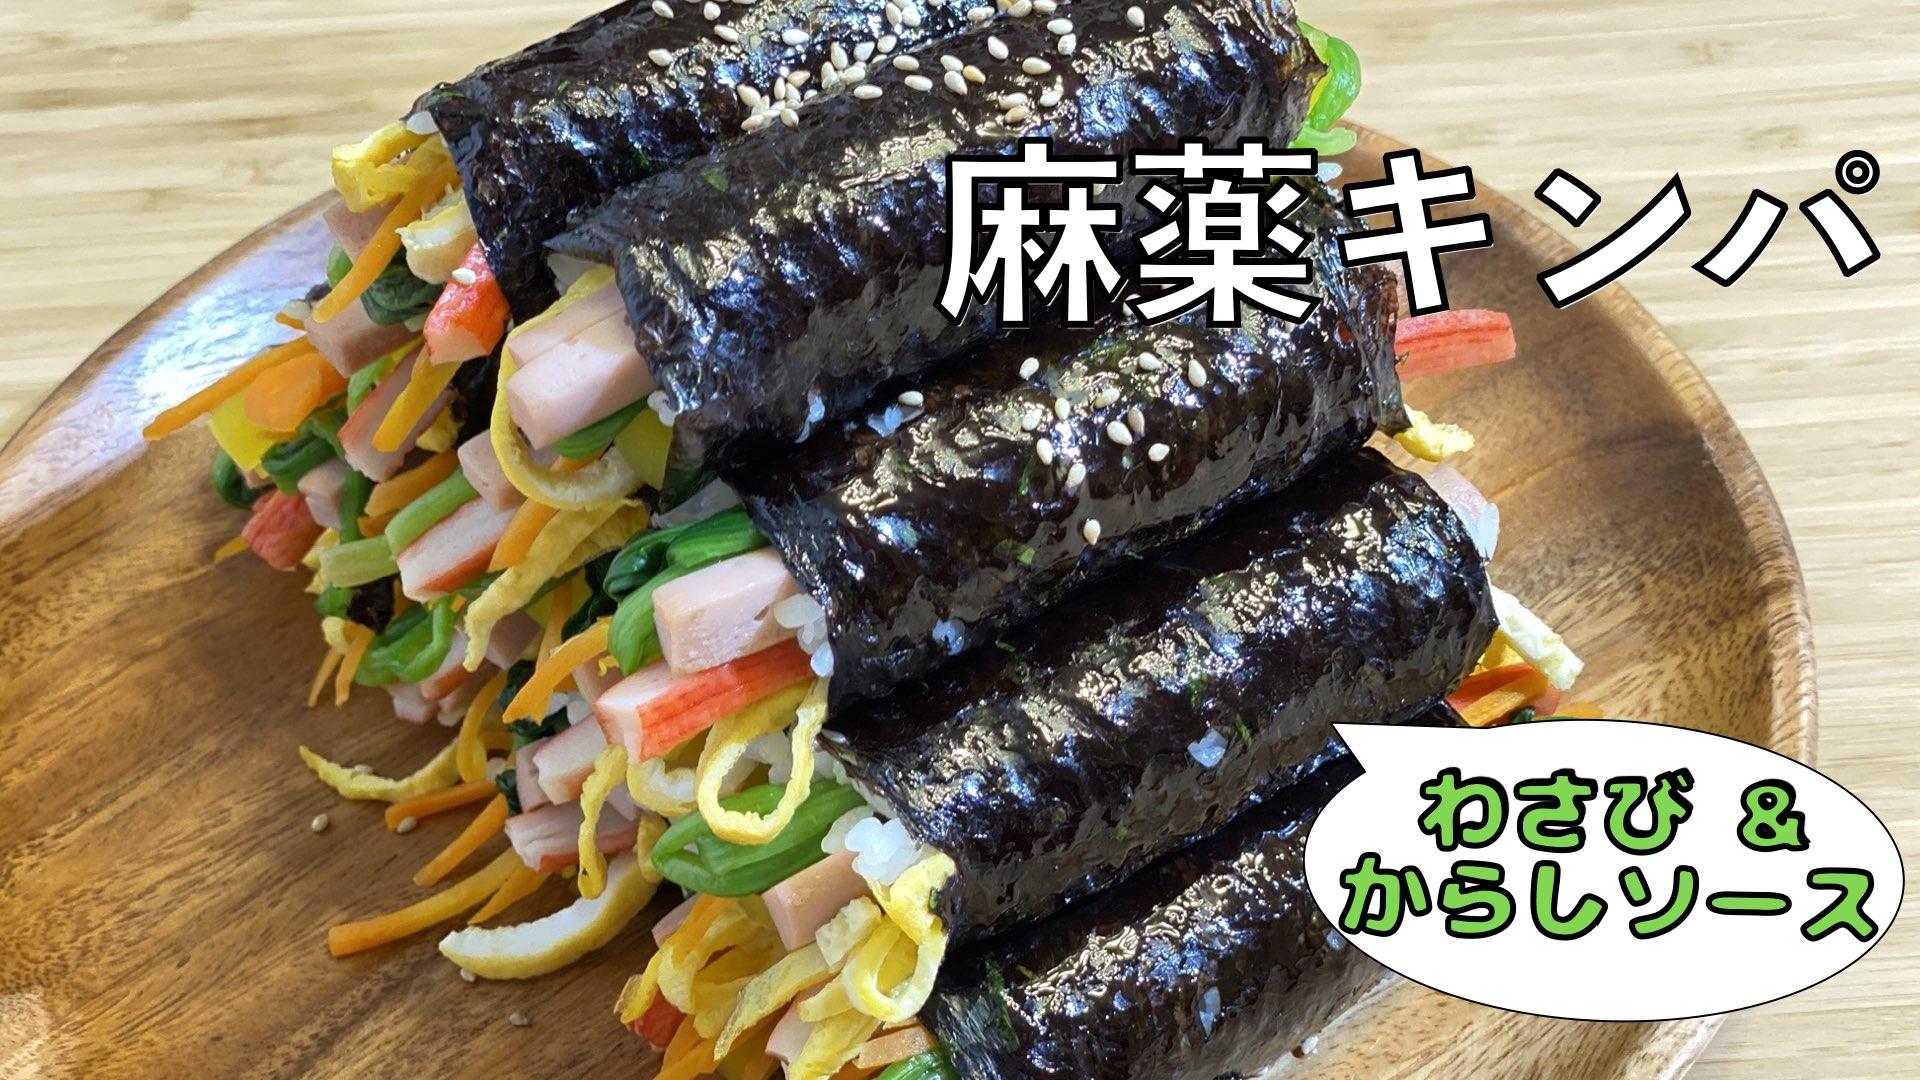 麻薬キンパ   Olive家の簡単レシピ   韓国ソウル広蔵市場の名物✨毎日食べても飽きないキンパ   お弁当や好きな具材でアレンジもおすすめです   子どもが喜ぶ可愛くカラフルで美味しいキンパレシピ